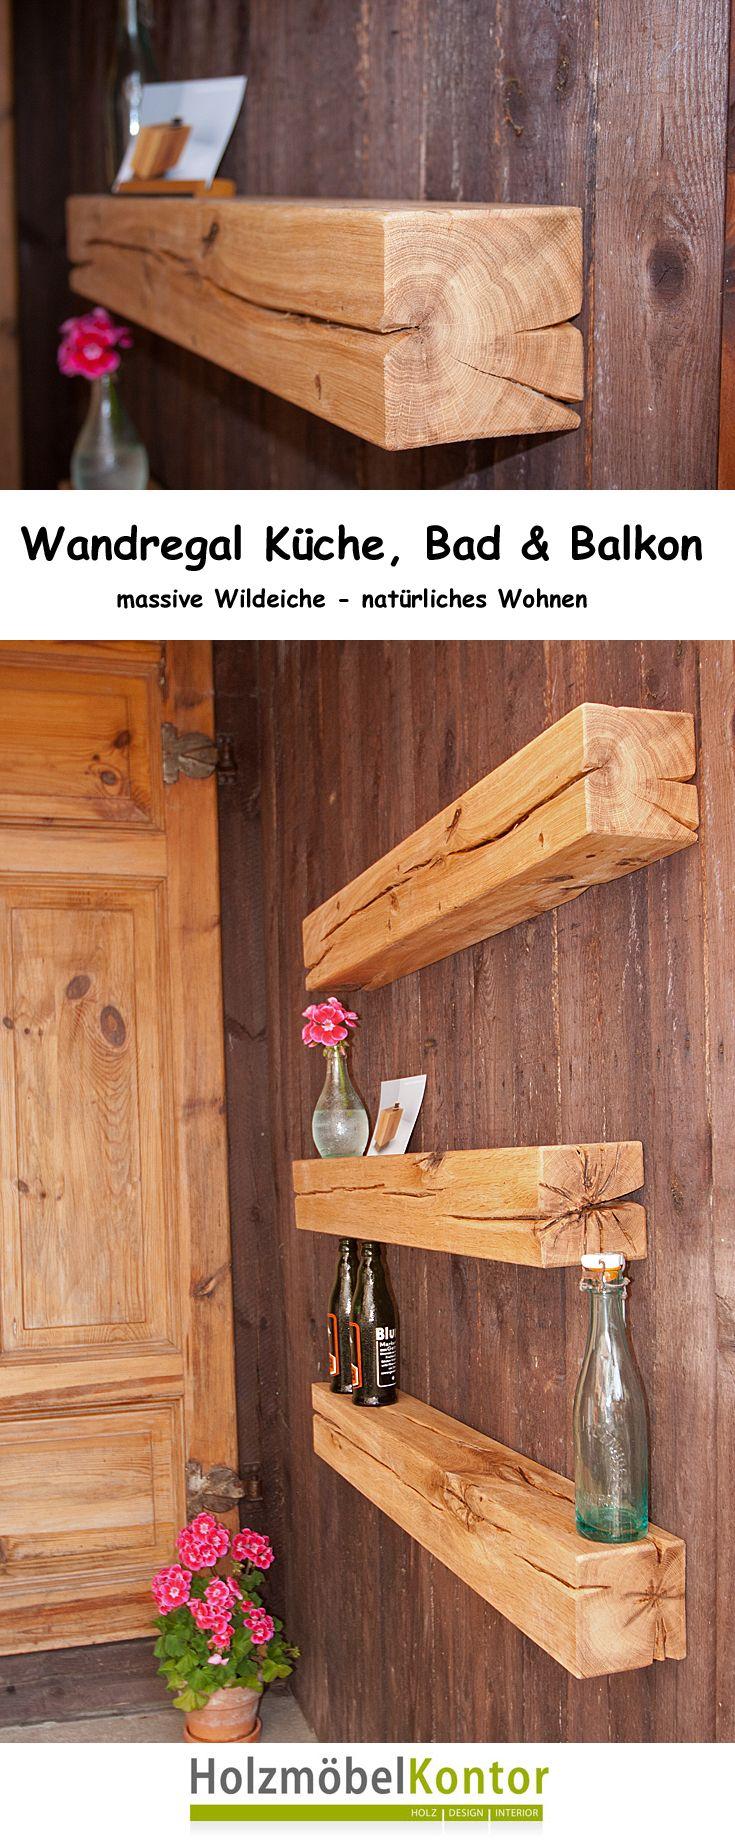 Wandregal fr Kche Bad und natrlich auch Terrasse und